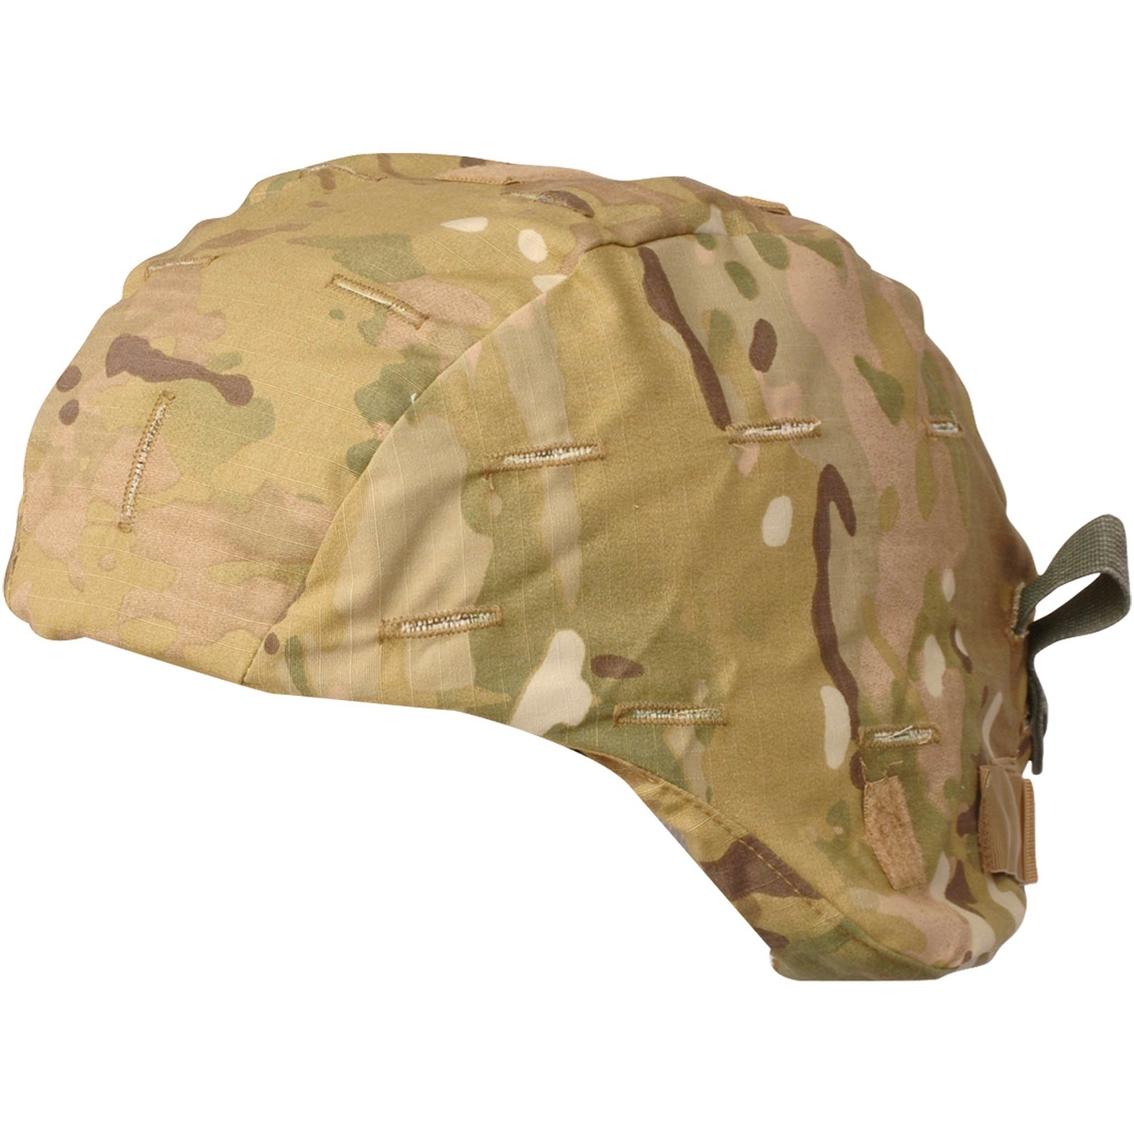 Brigade Qm Ach Camouflage Helmet Cover Oef-cp Multicam  e5e1a5930